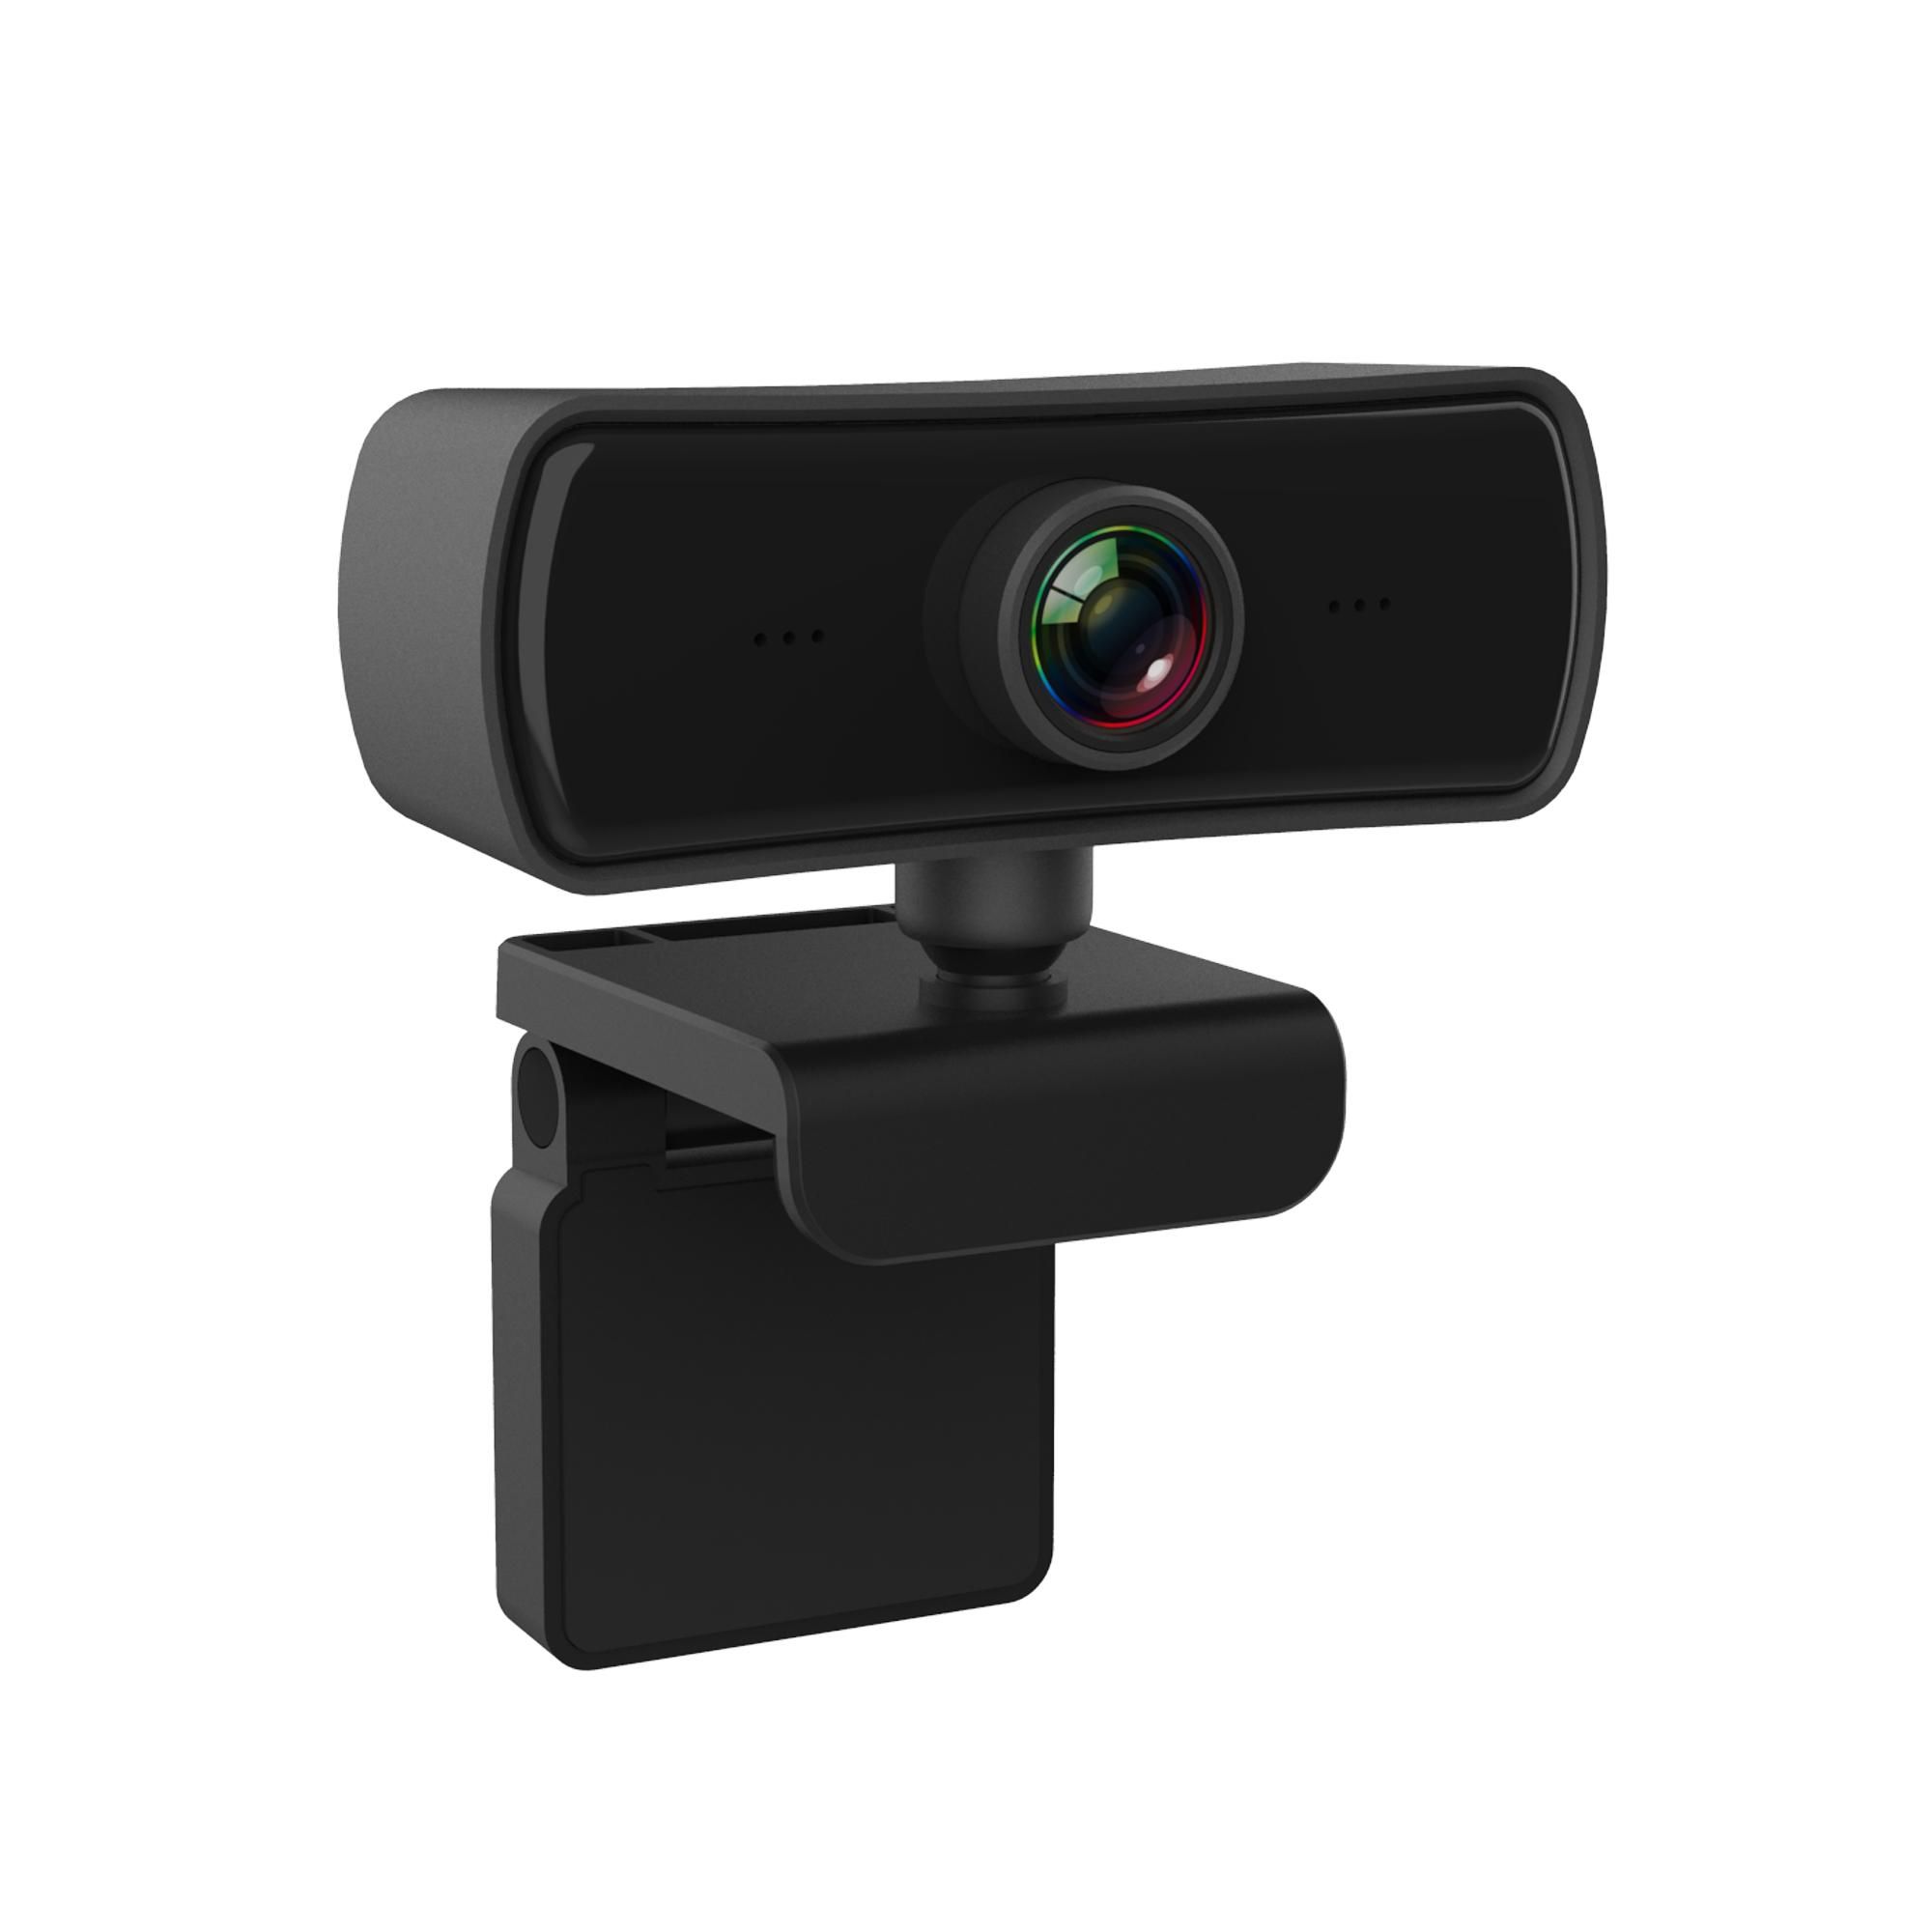 2K HD USB Webcam & Microphone